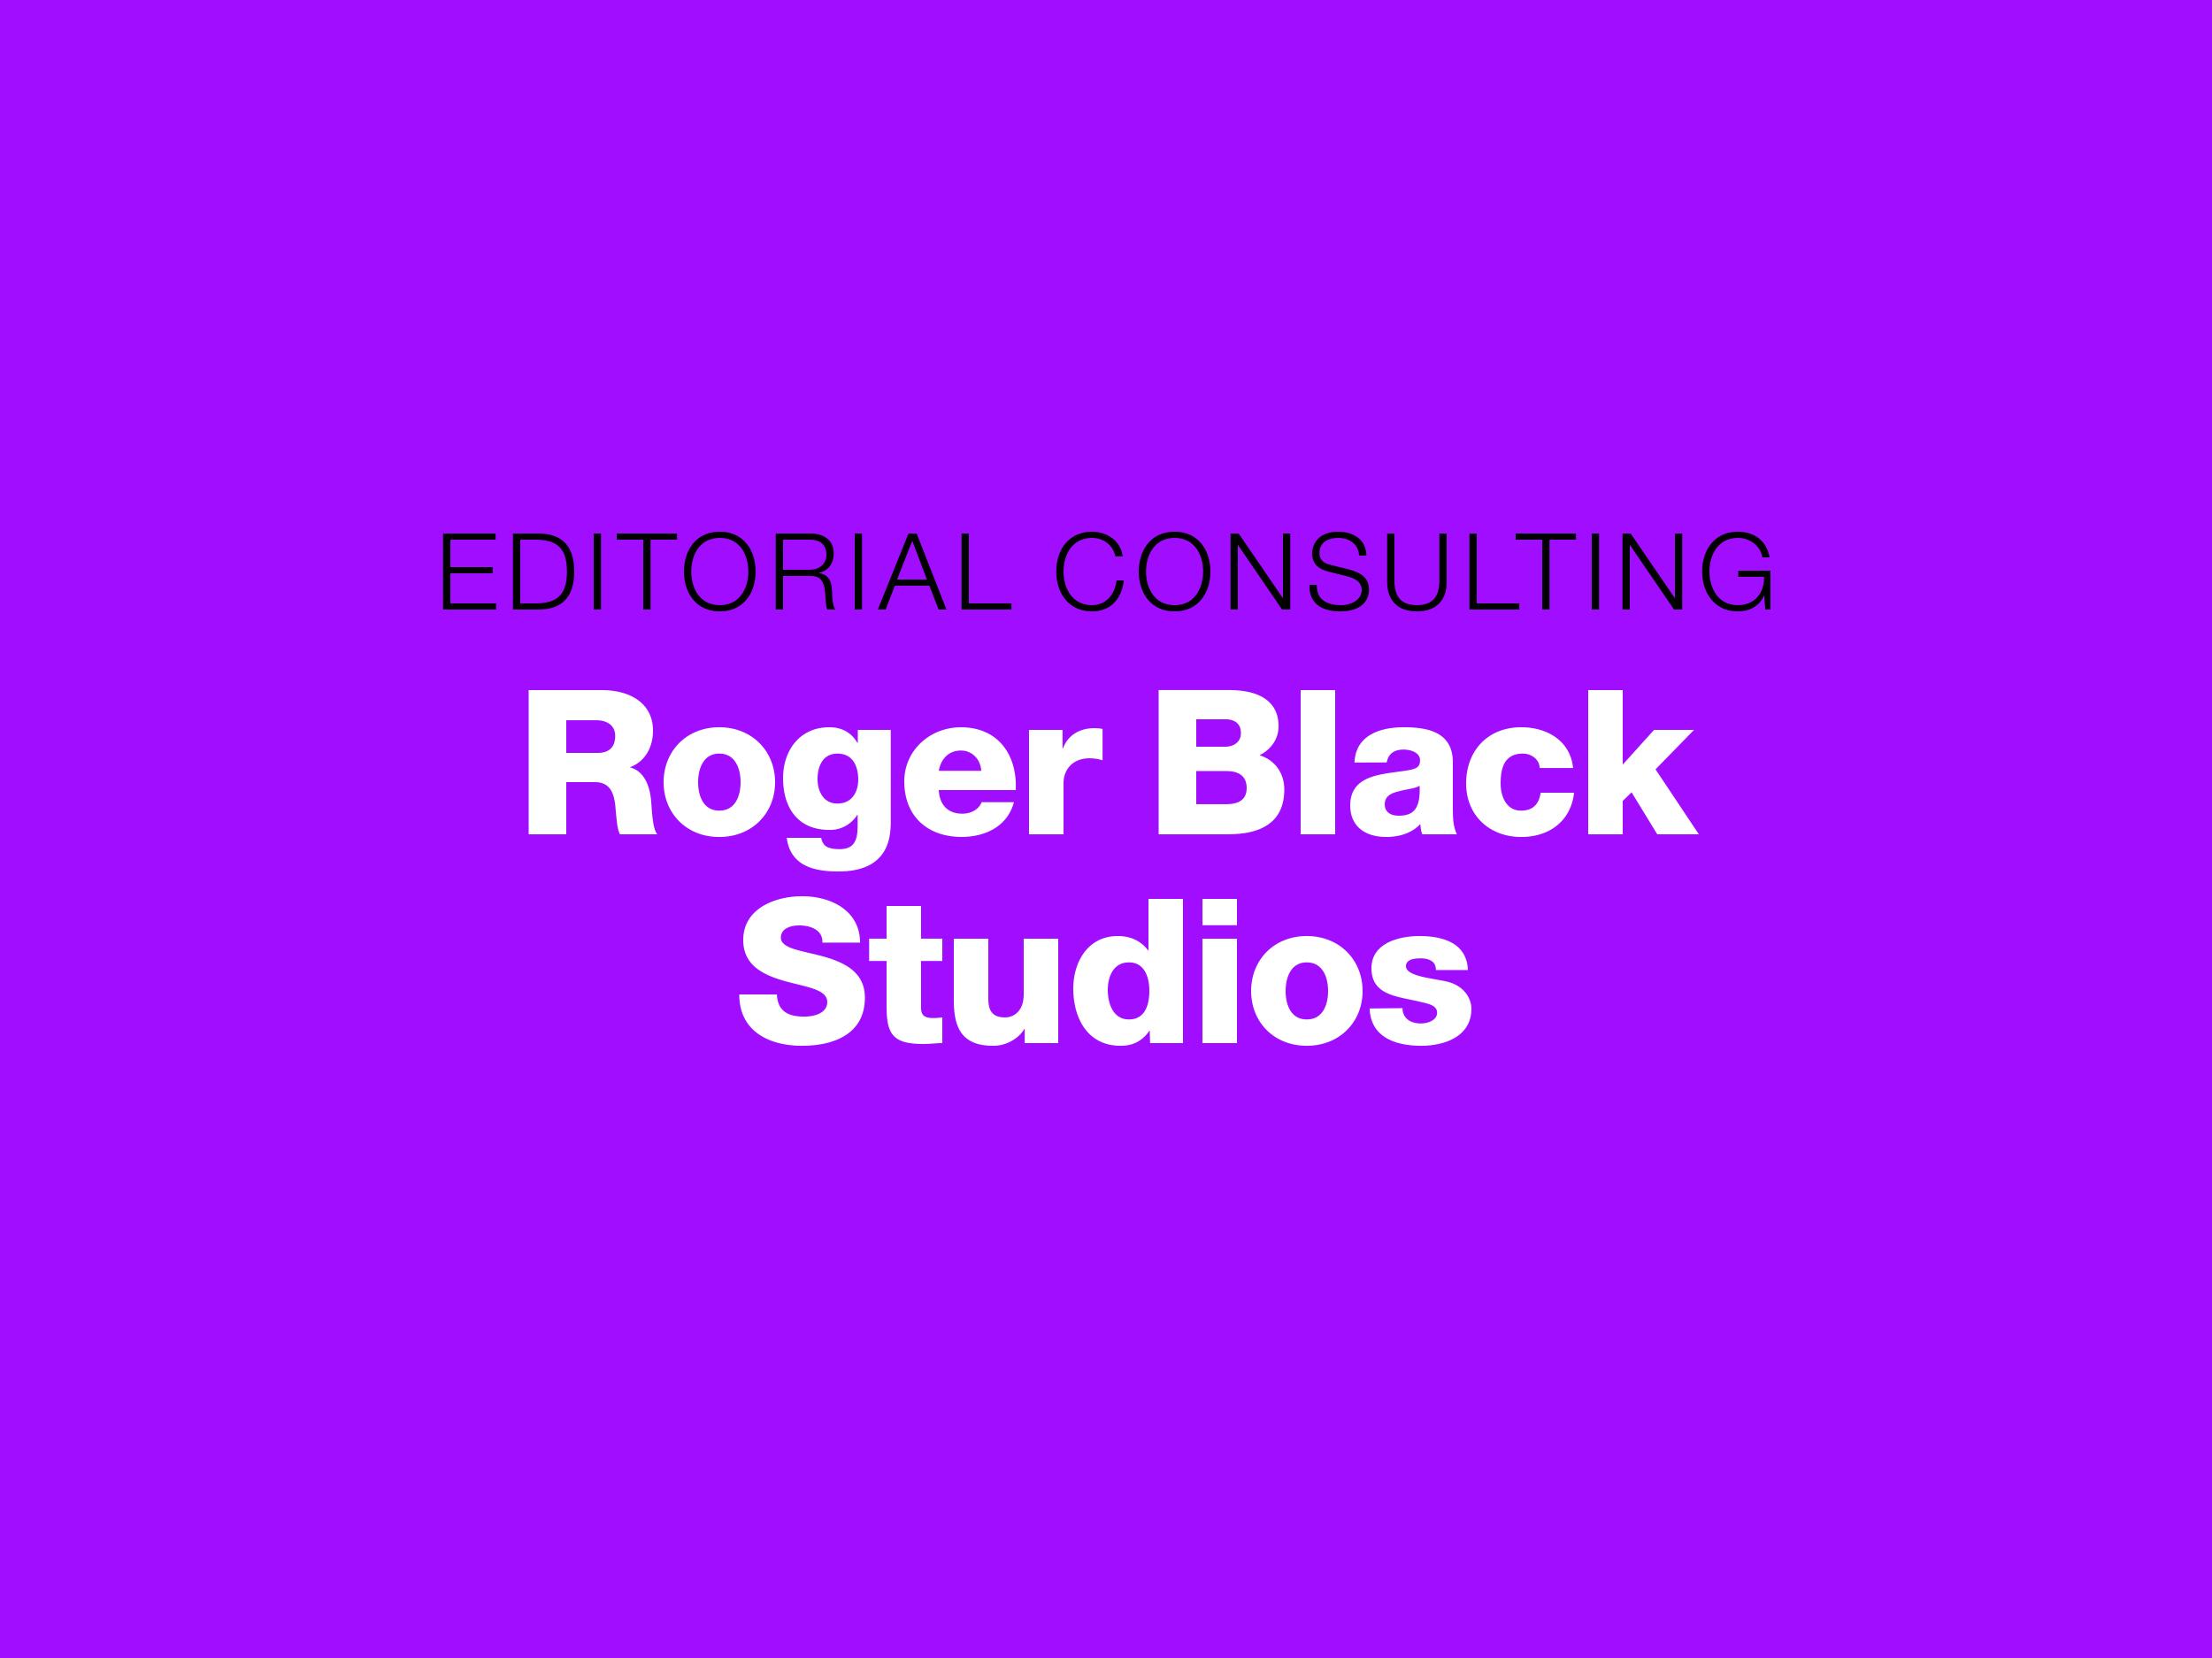 7 Roger Black tile.png